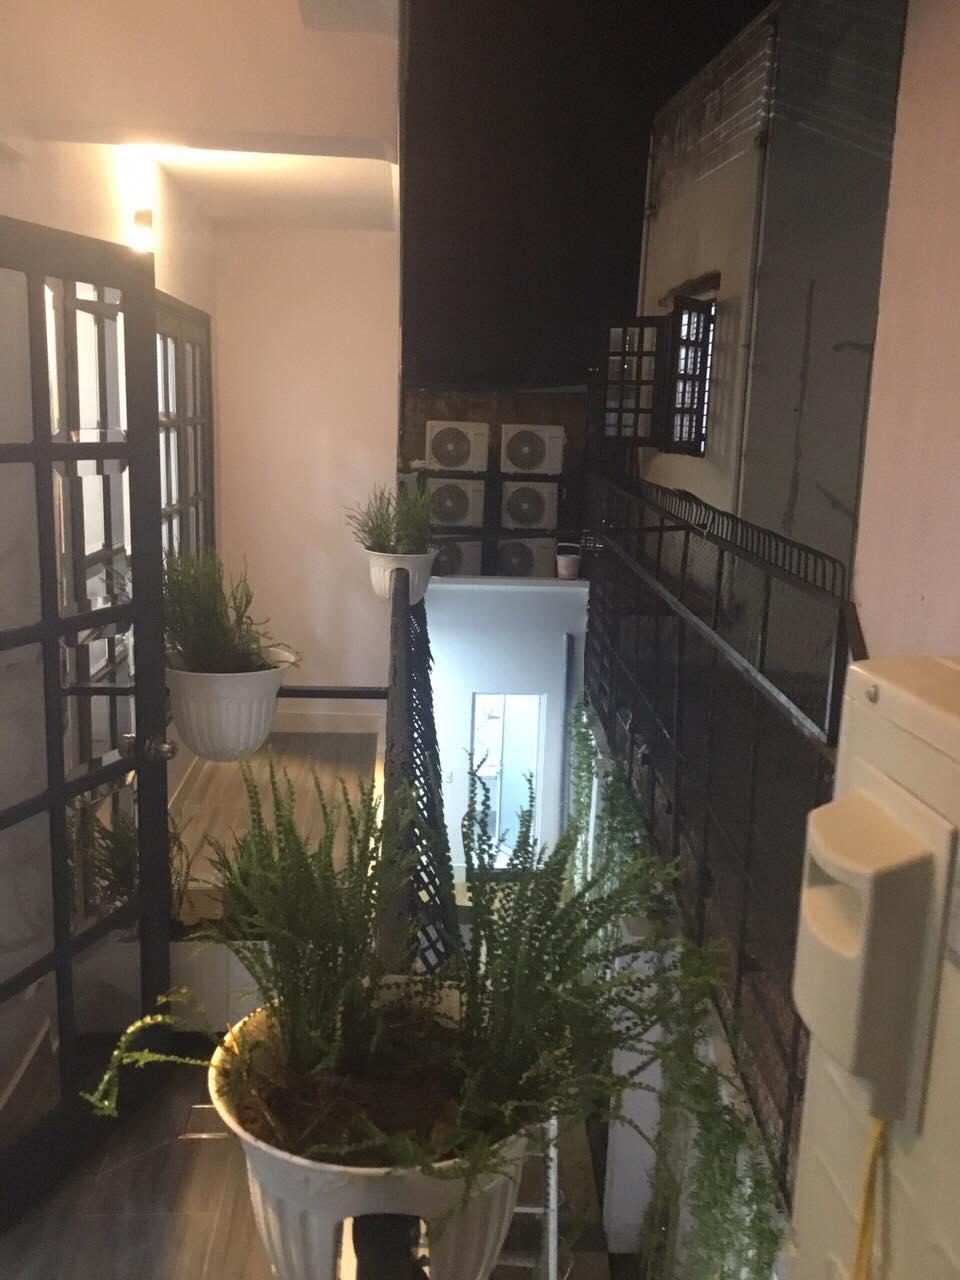 Biệt thự Nguyễn Văn Linh, bình thuận, 17.65m x 29m